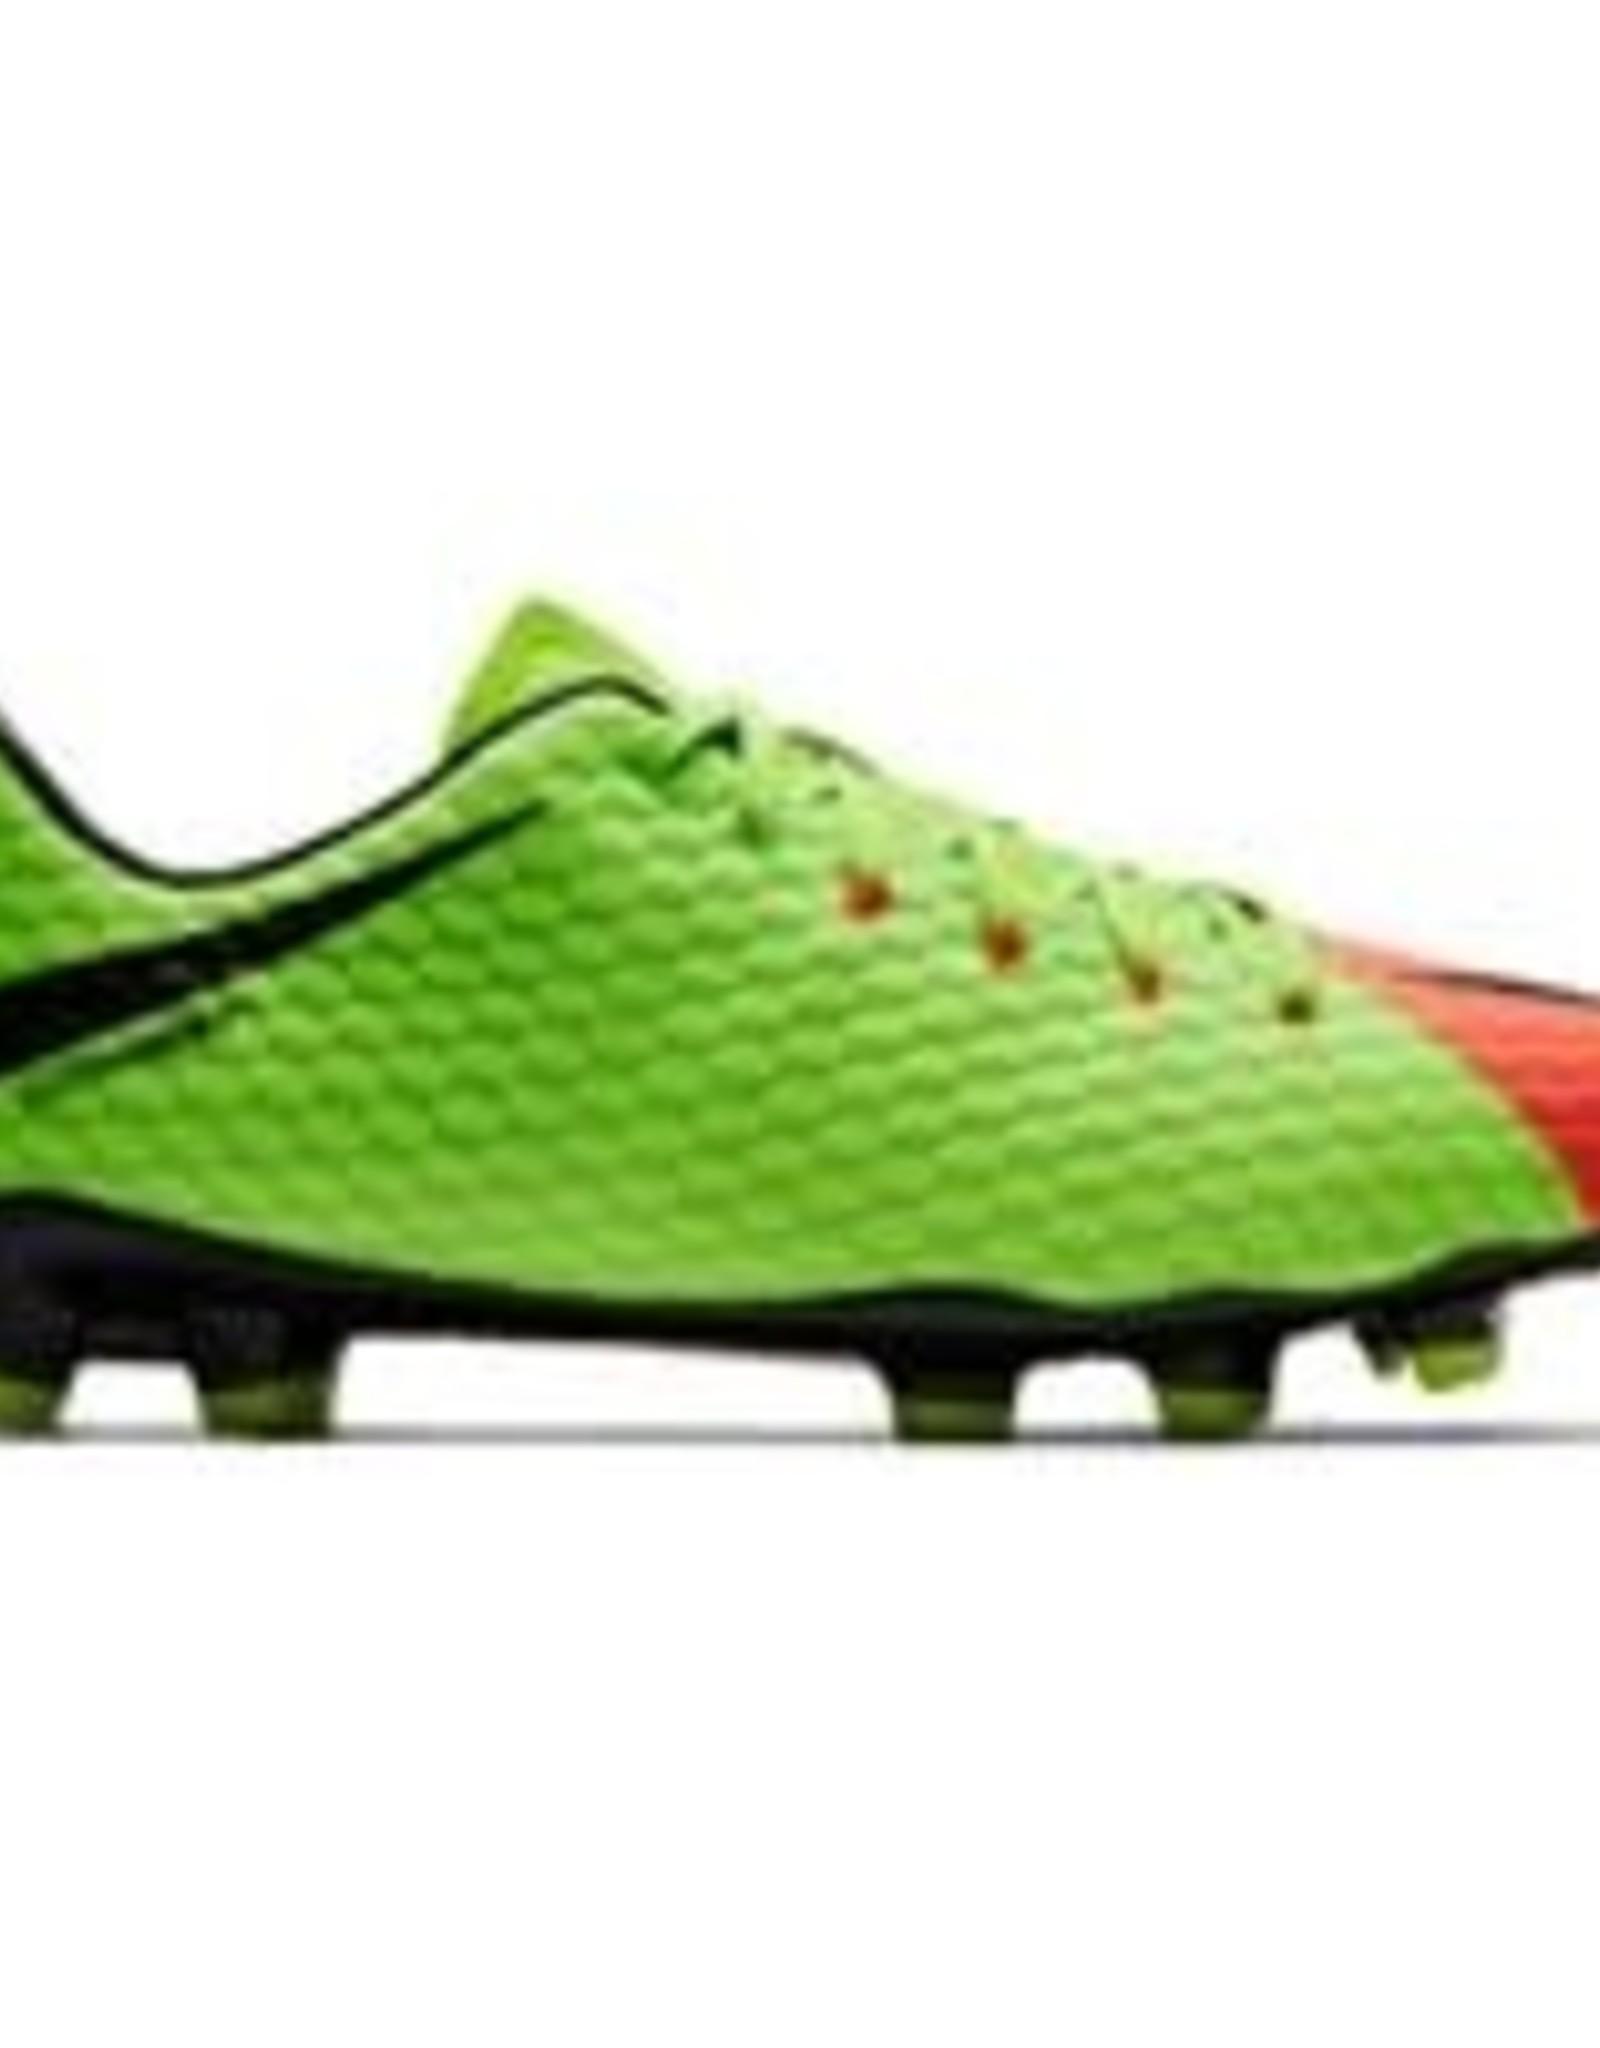 Nike Nike Hypervenon Phelon III FG